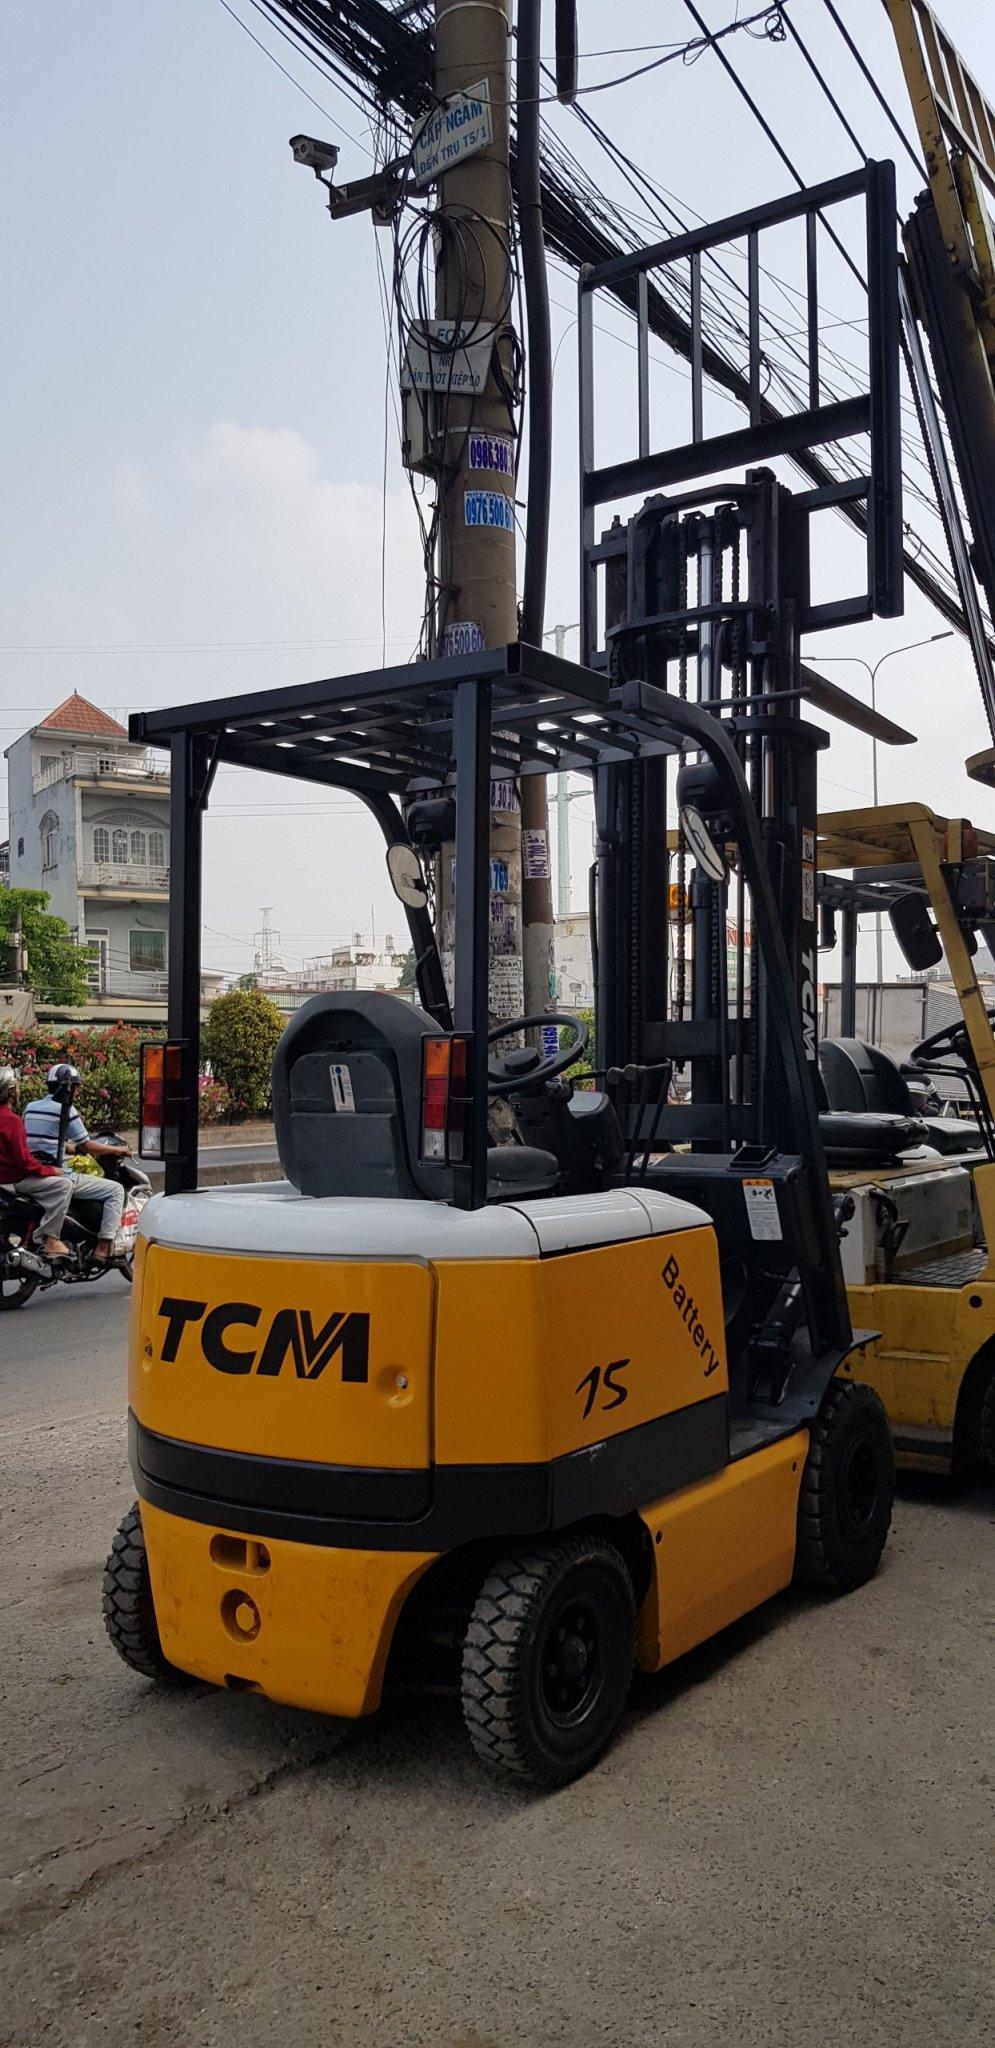 xe nâng điện FB15-6 TCM 0969735088